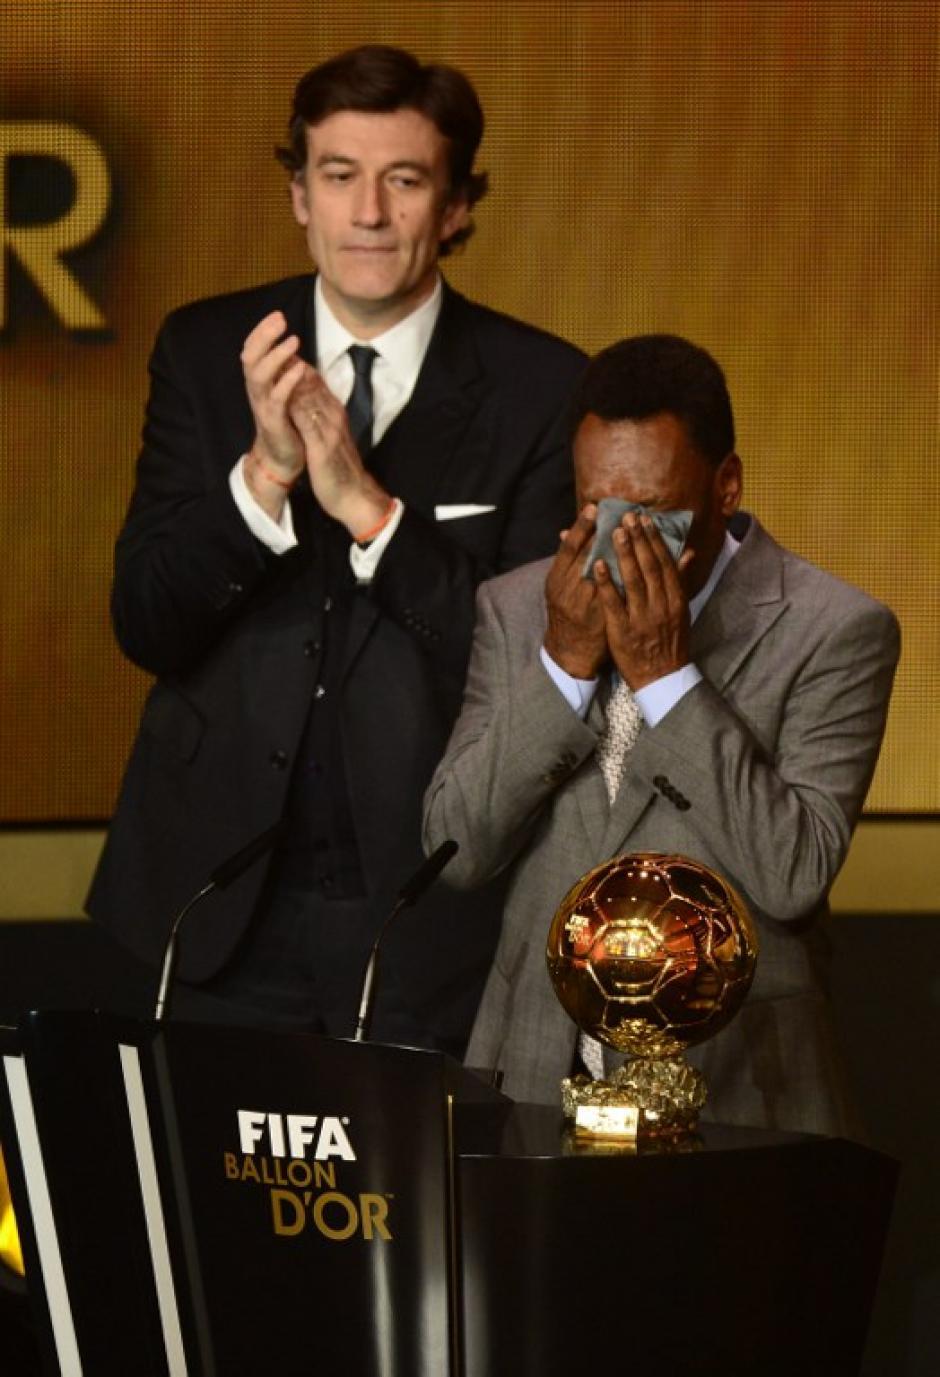 Pelé recibió el premio de honor de la noche en Zúrich, Suiza. (Foto: Olivier Morin/AFP)